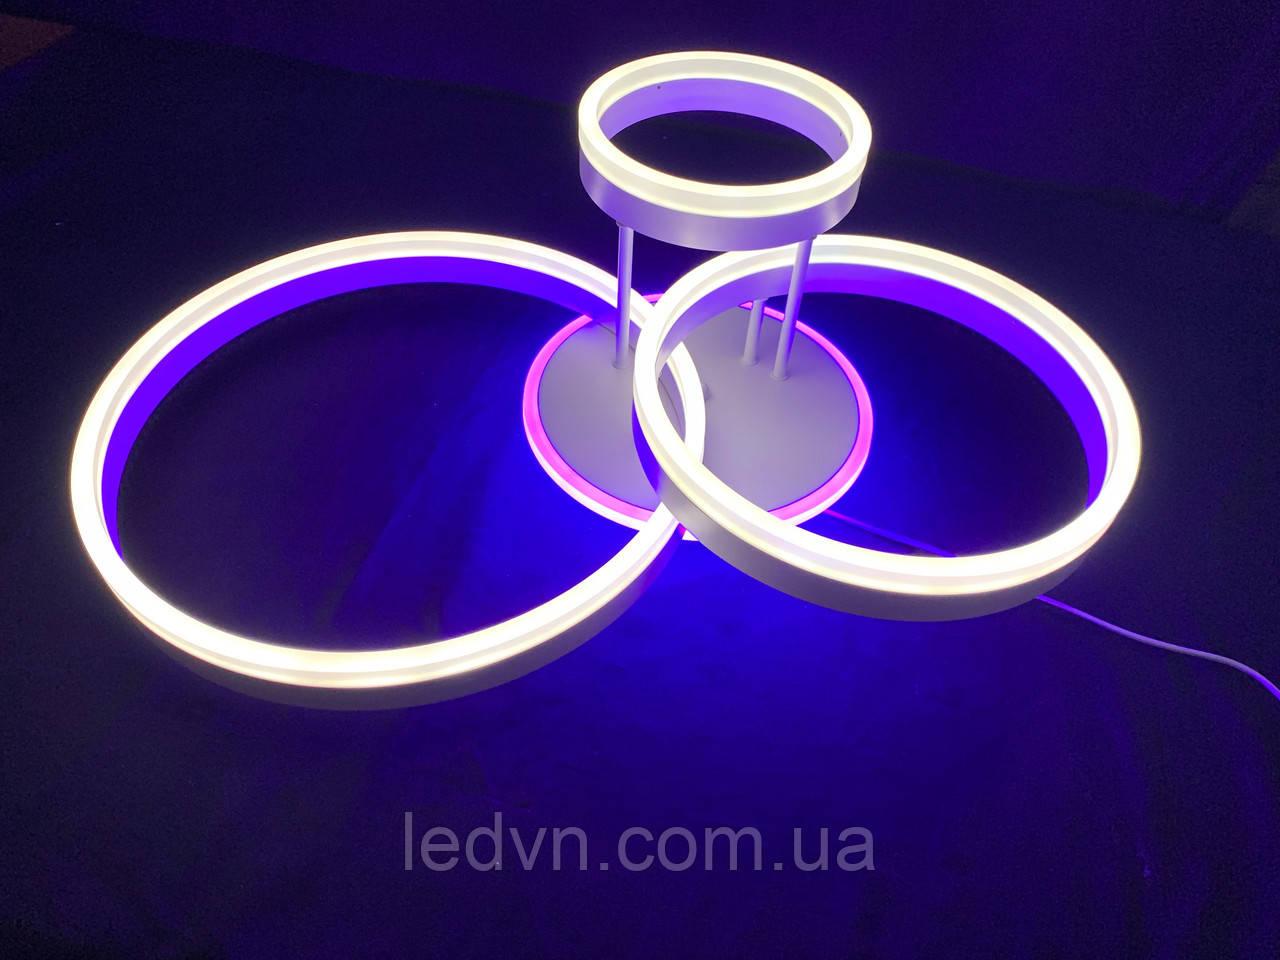 Потолочная светодиодная люстра на три кольца  белая